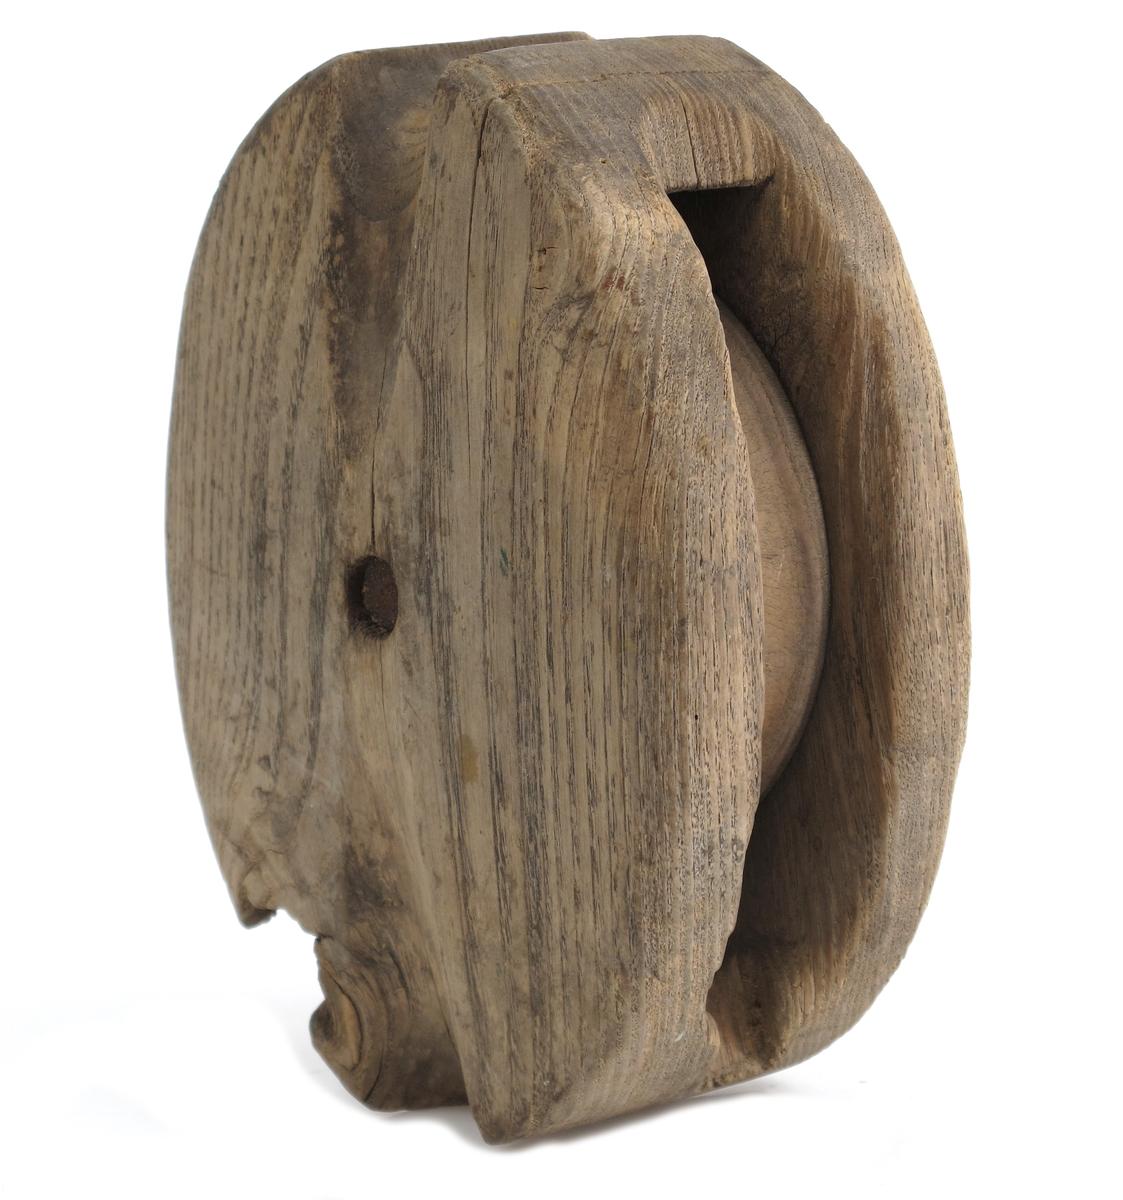 Blokkhus, Enkel blokk med skive av pukkenholt. Utskjølpinger i endene for stropp. Umalt. Blokkhus av ask.  Tilstand juli 1977: Jernet rusta, biter falt av.